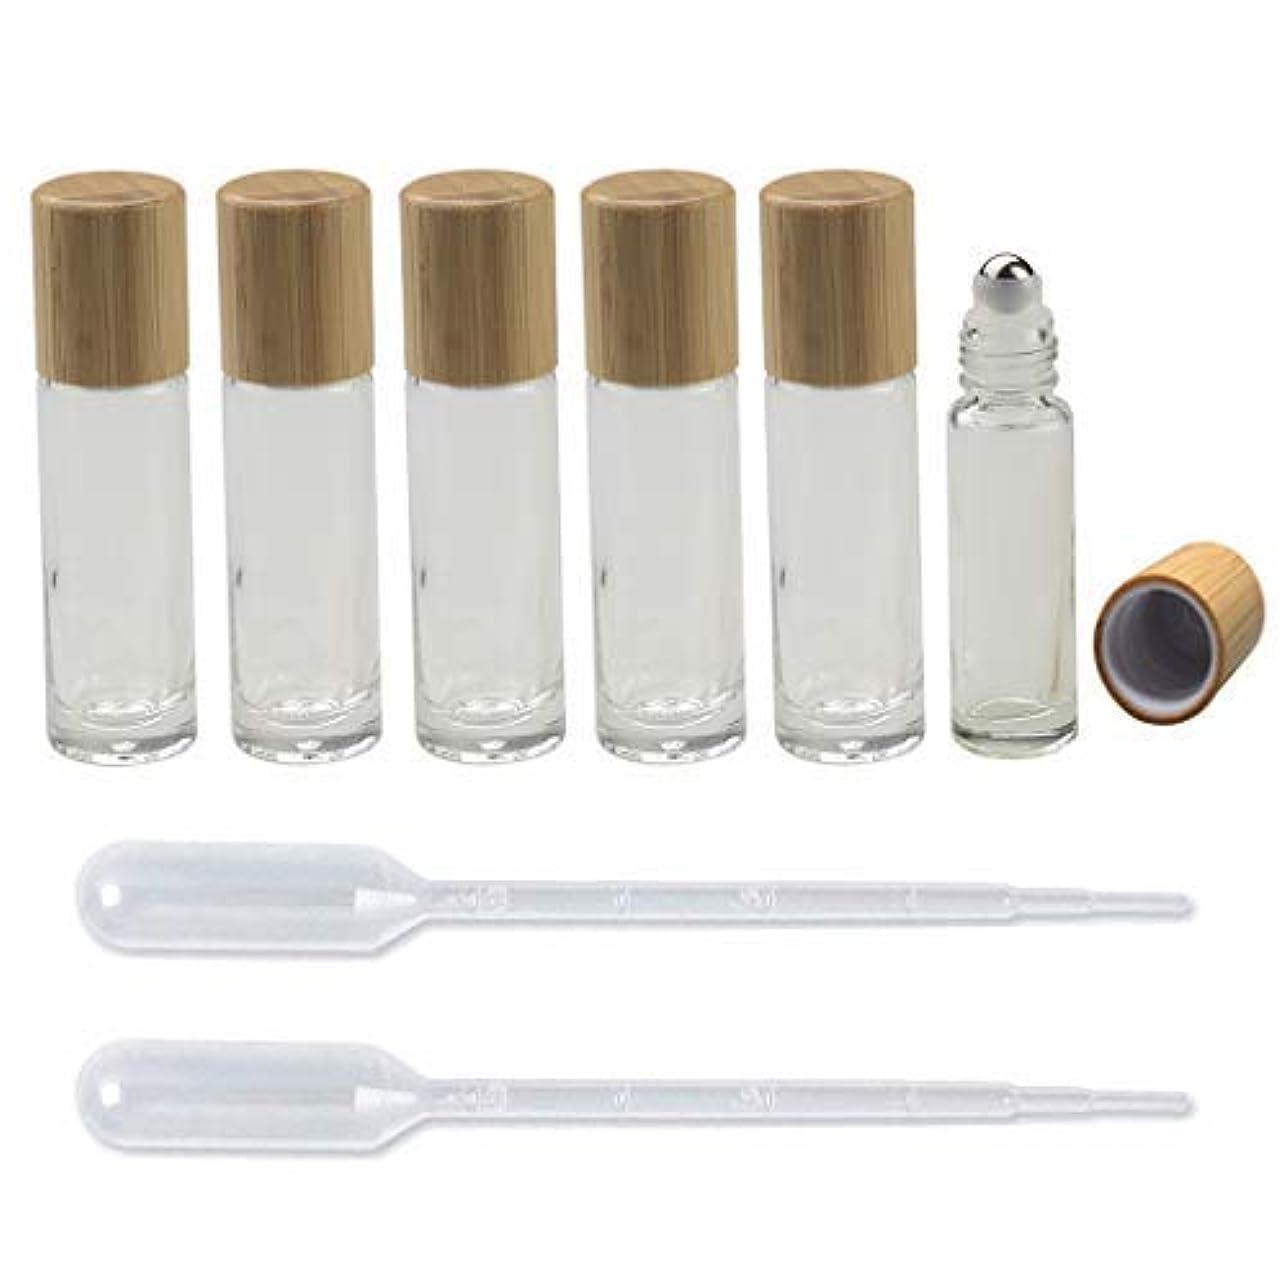 モード辛な鎮痛剤6 Pieces Roll On Bottles 10ml Clear Glass Roller Bottles with Bamboo Lid Empty Refillable Essential Oil Roller...